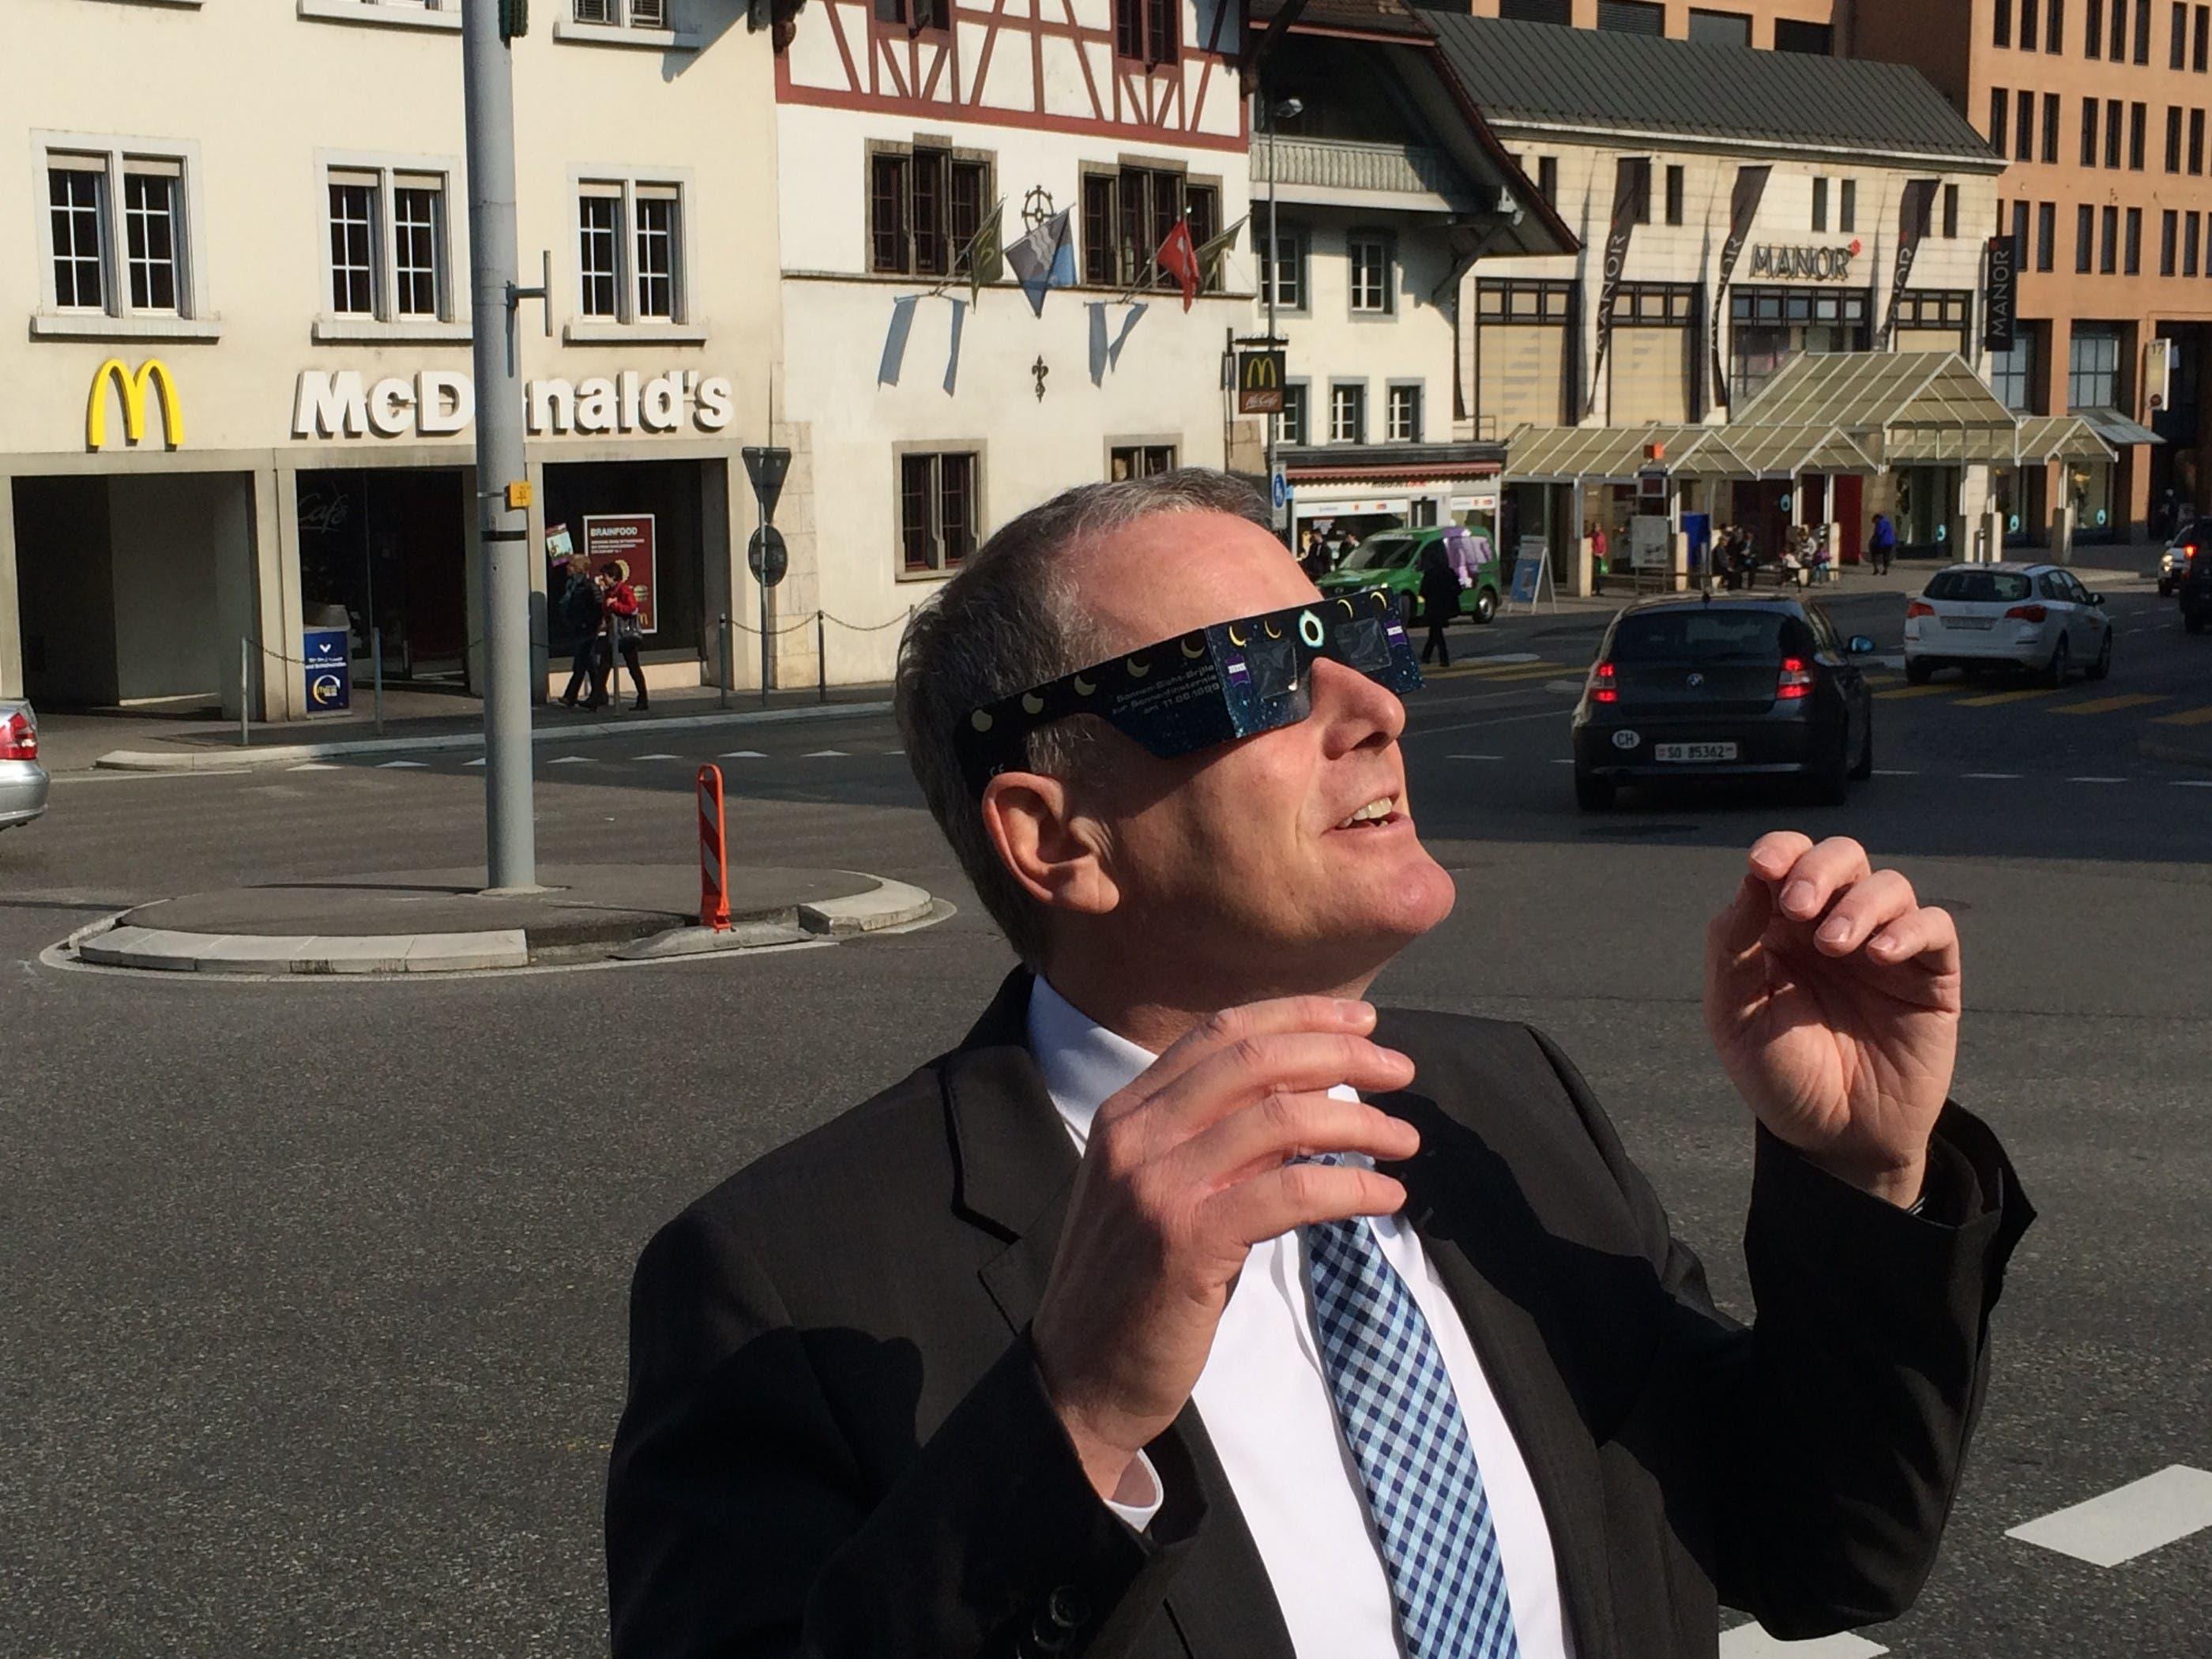 Entzückt: Der Aargauer Regierungsrat Stephan Attiger schaut durch die geborgte Sonnenfinsternis-Brille. Und posiert auch gleich noch fürs amtliche Foto zum Ereignis des Tages.